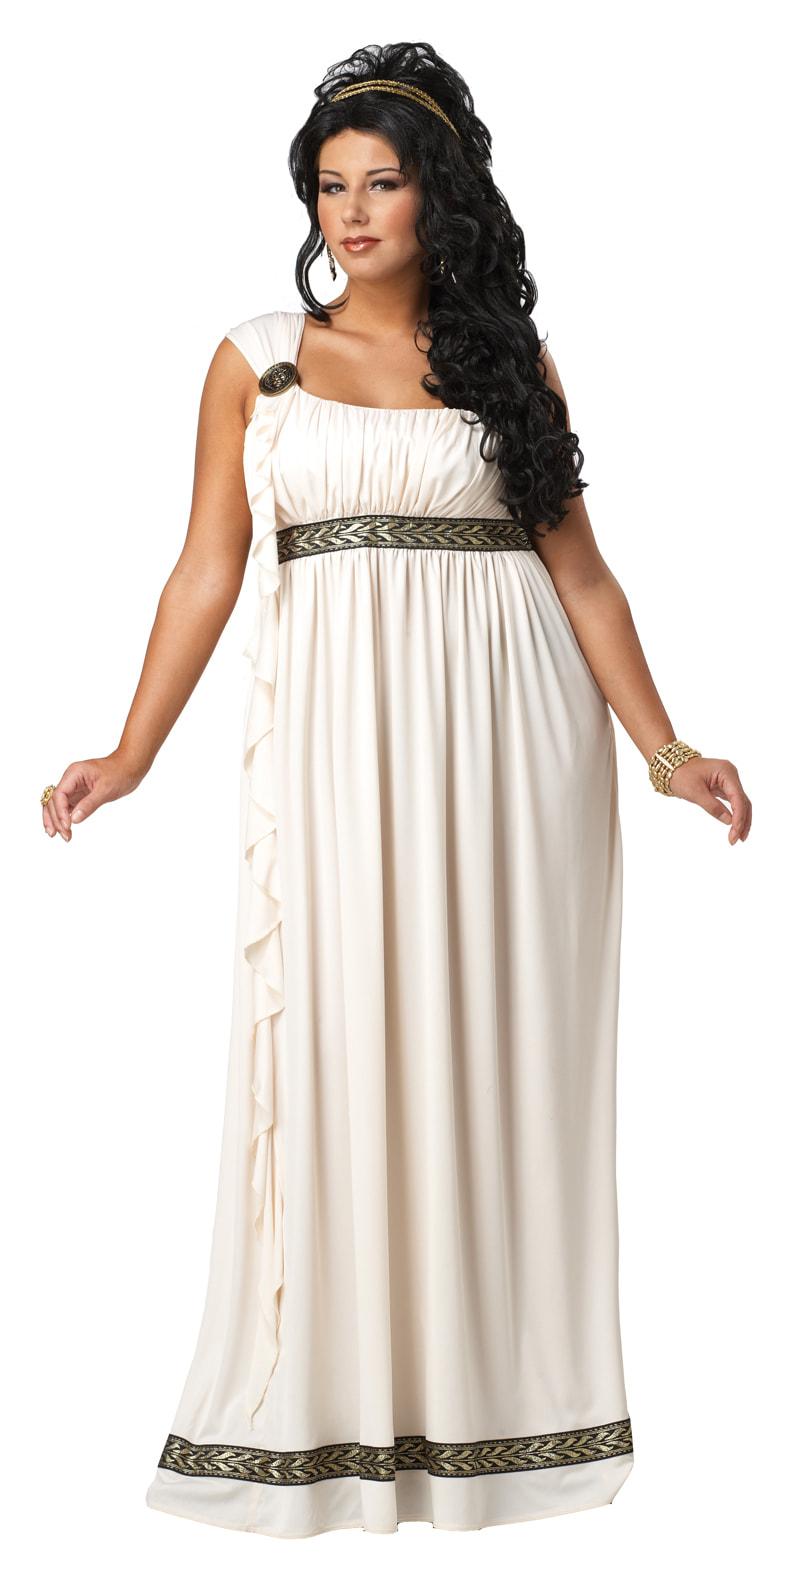 одном римский фасон платья фото была пристегнута момент